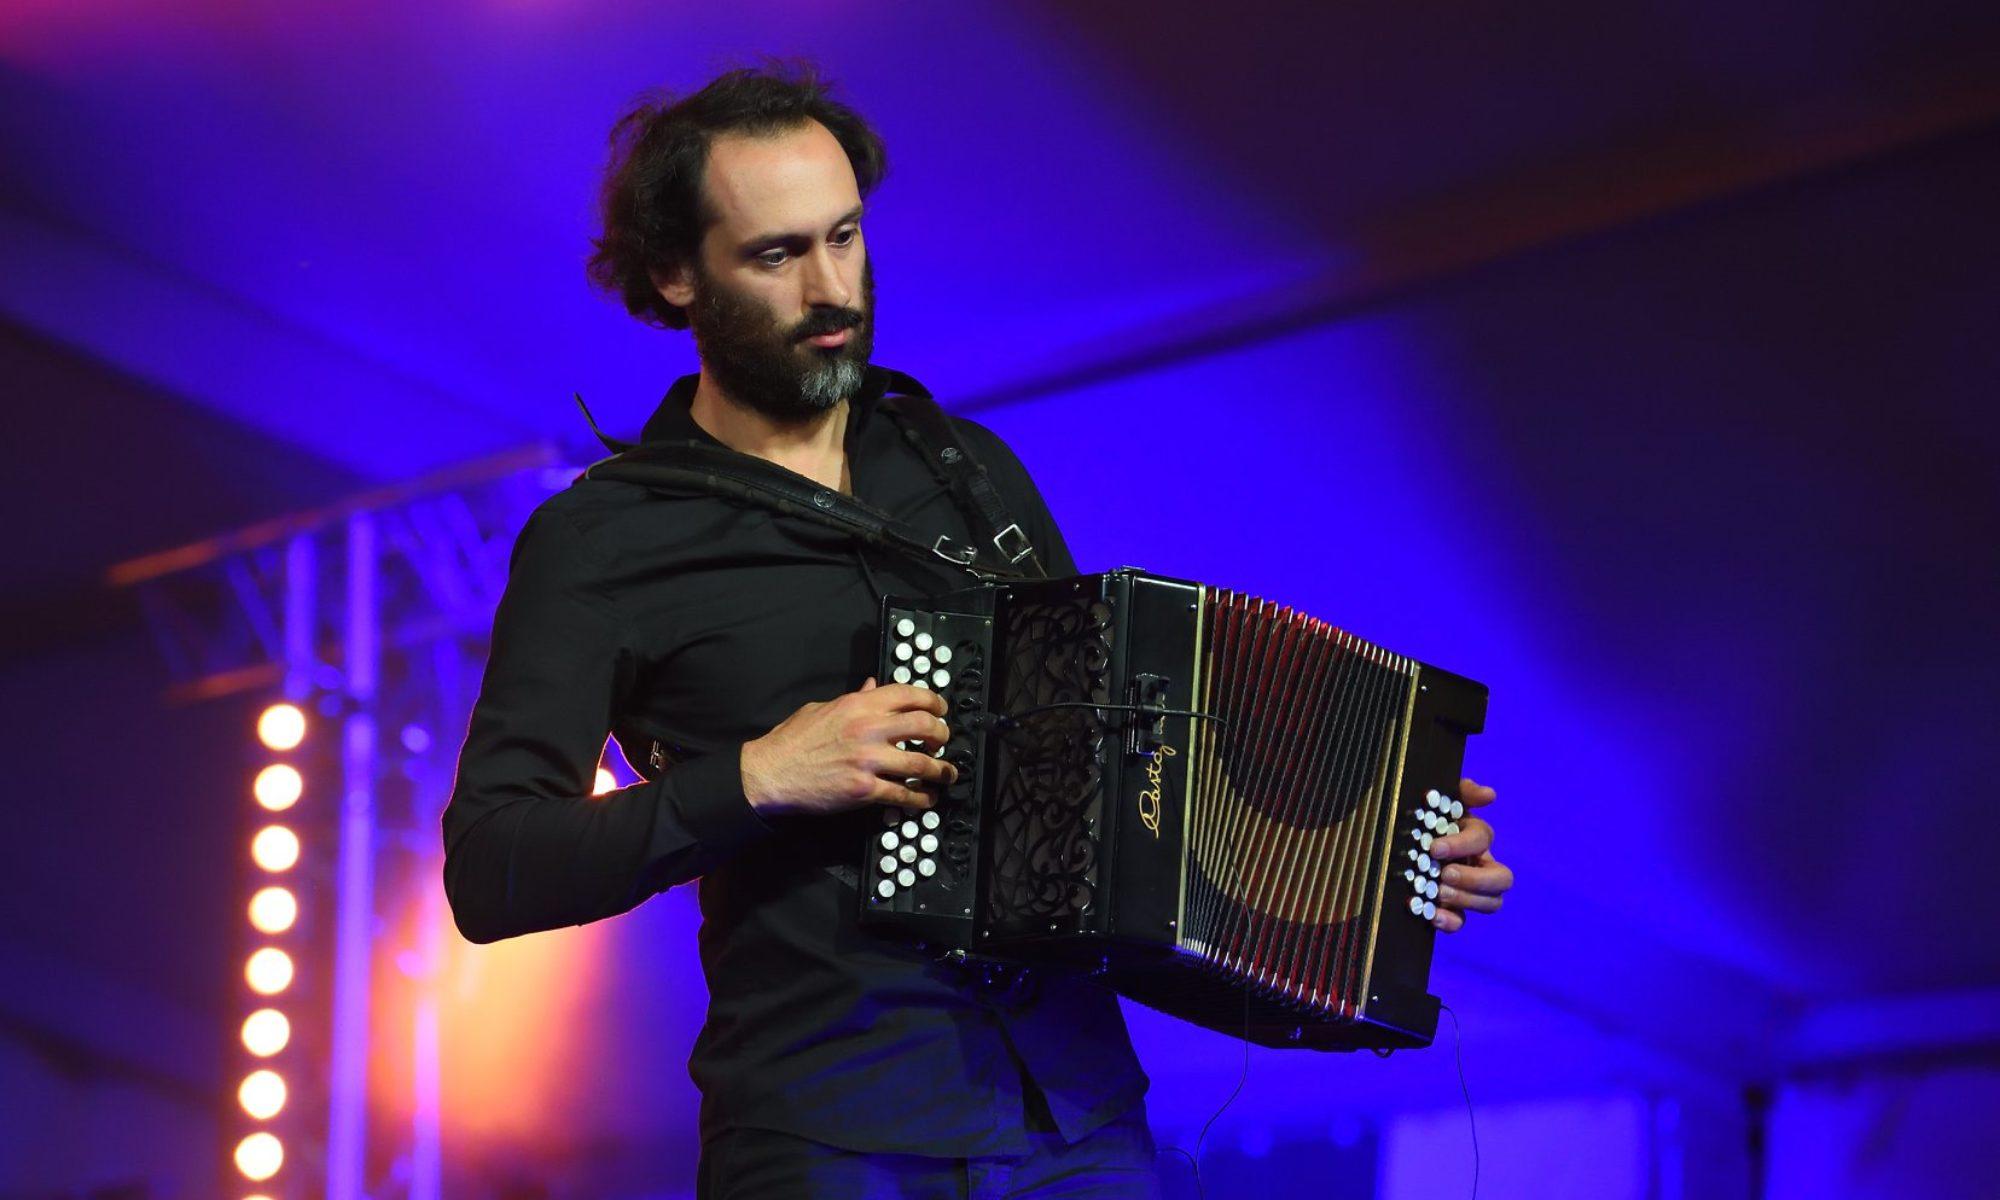 Grégoire Pluet